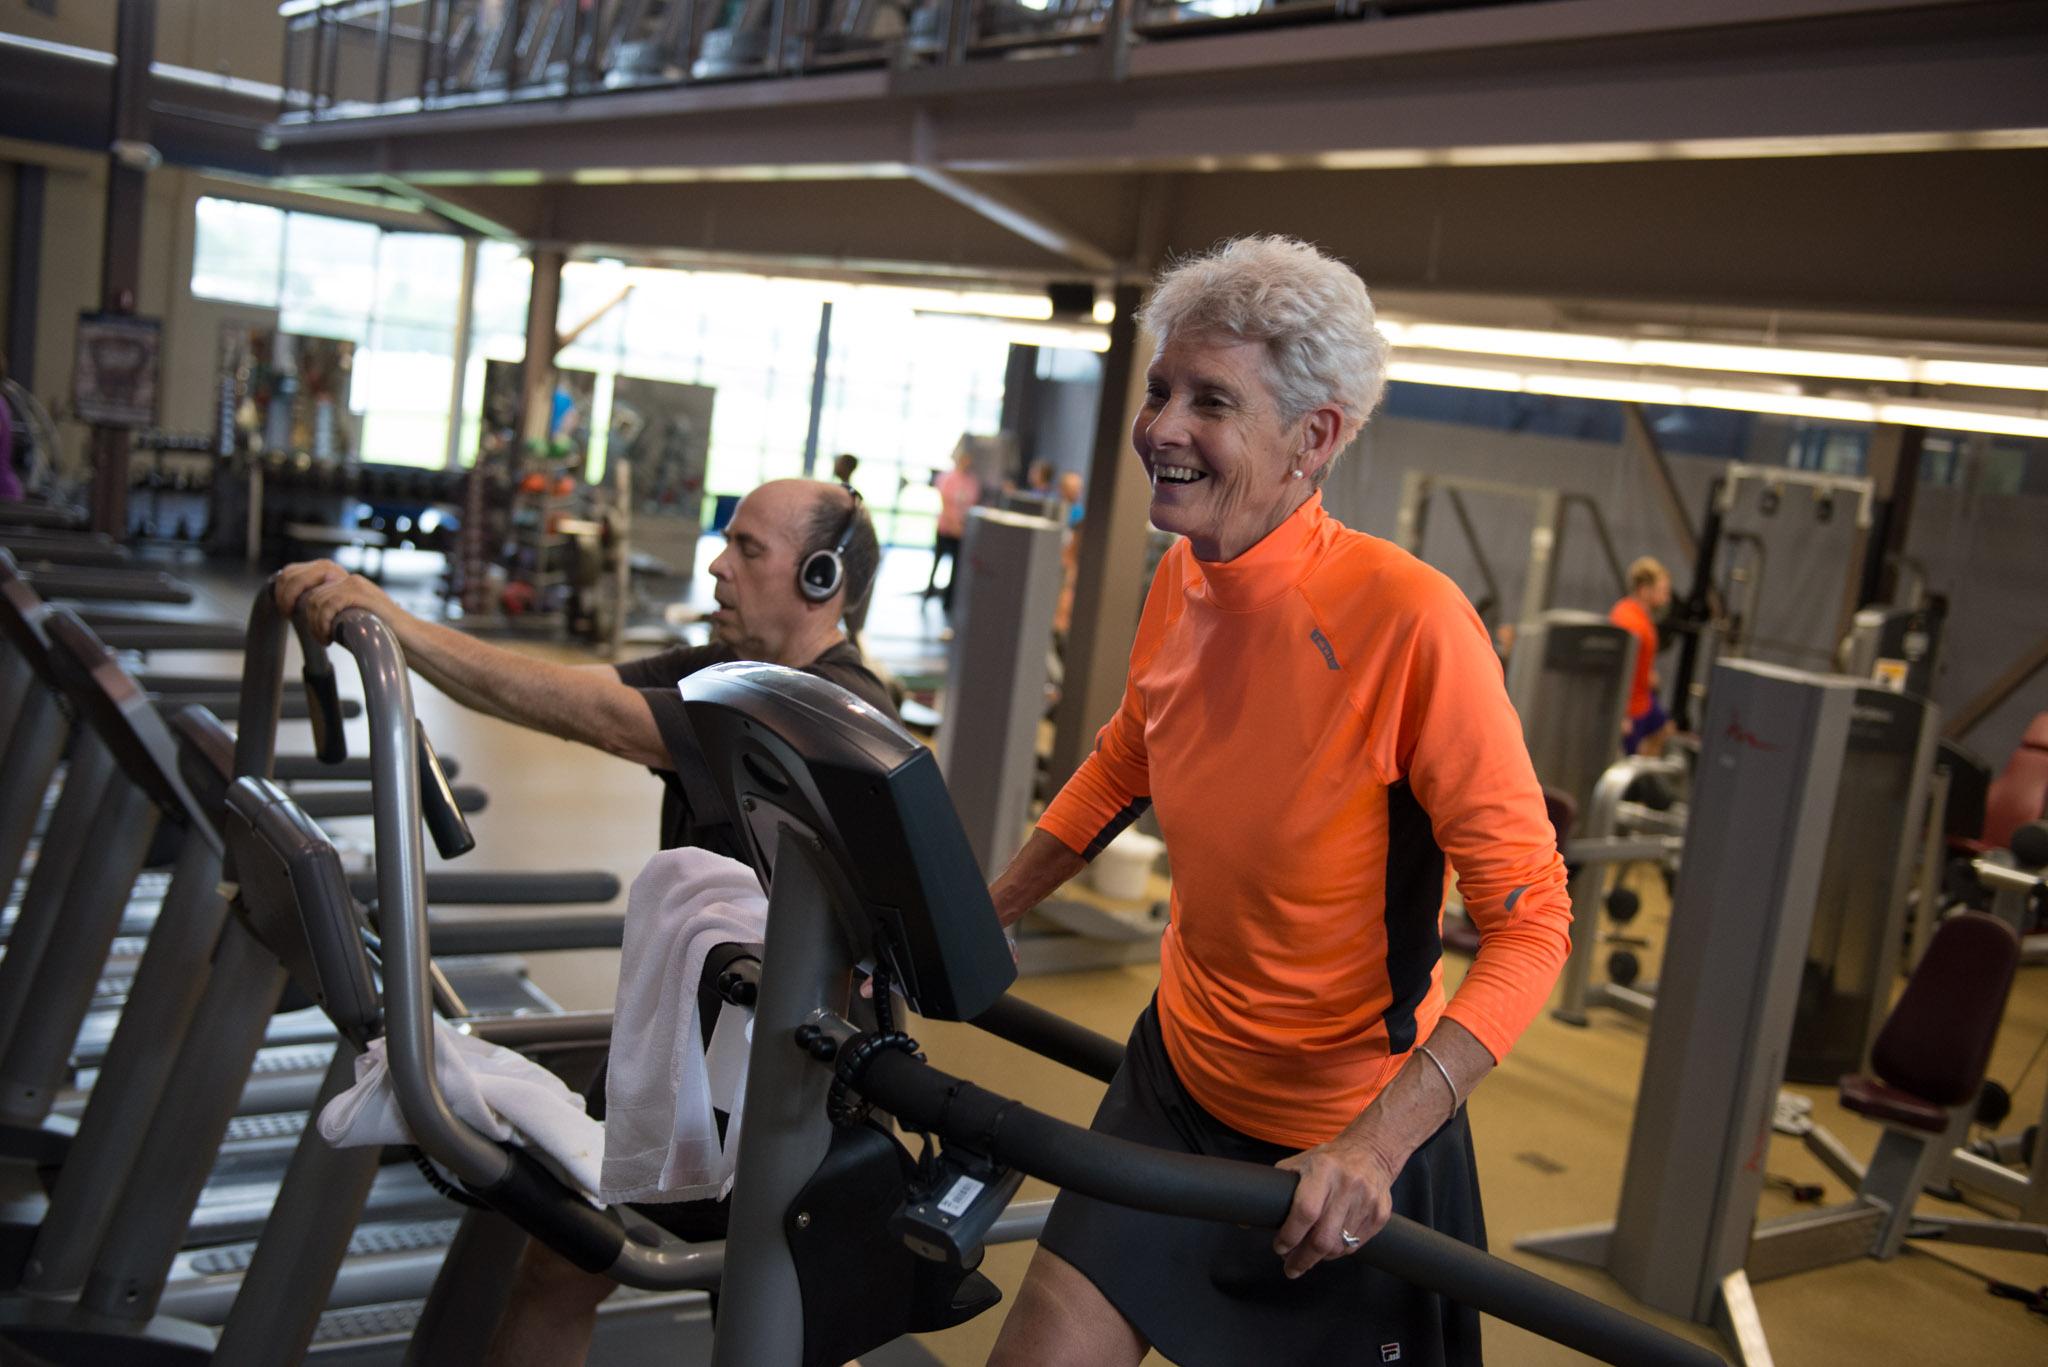 Wellness Center Stock Photos-1319.jpg